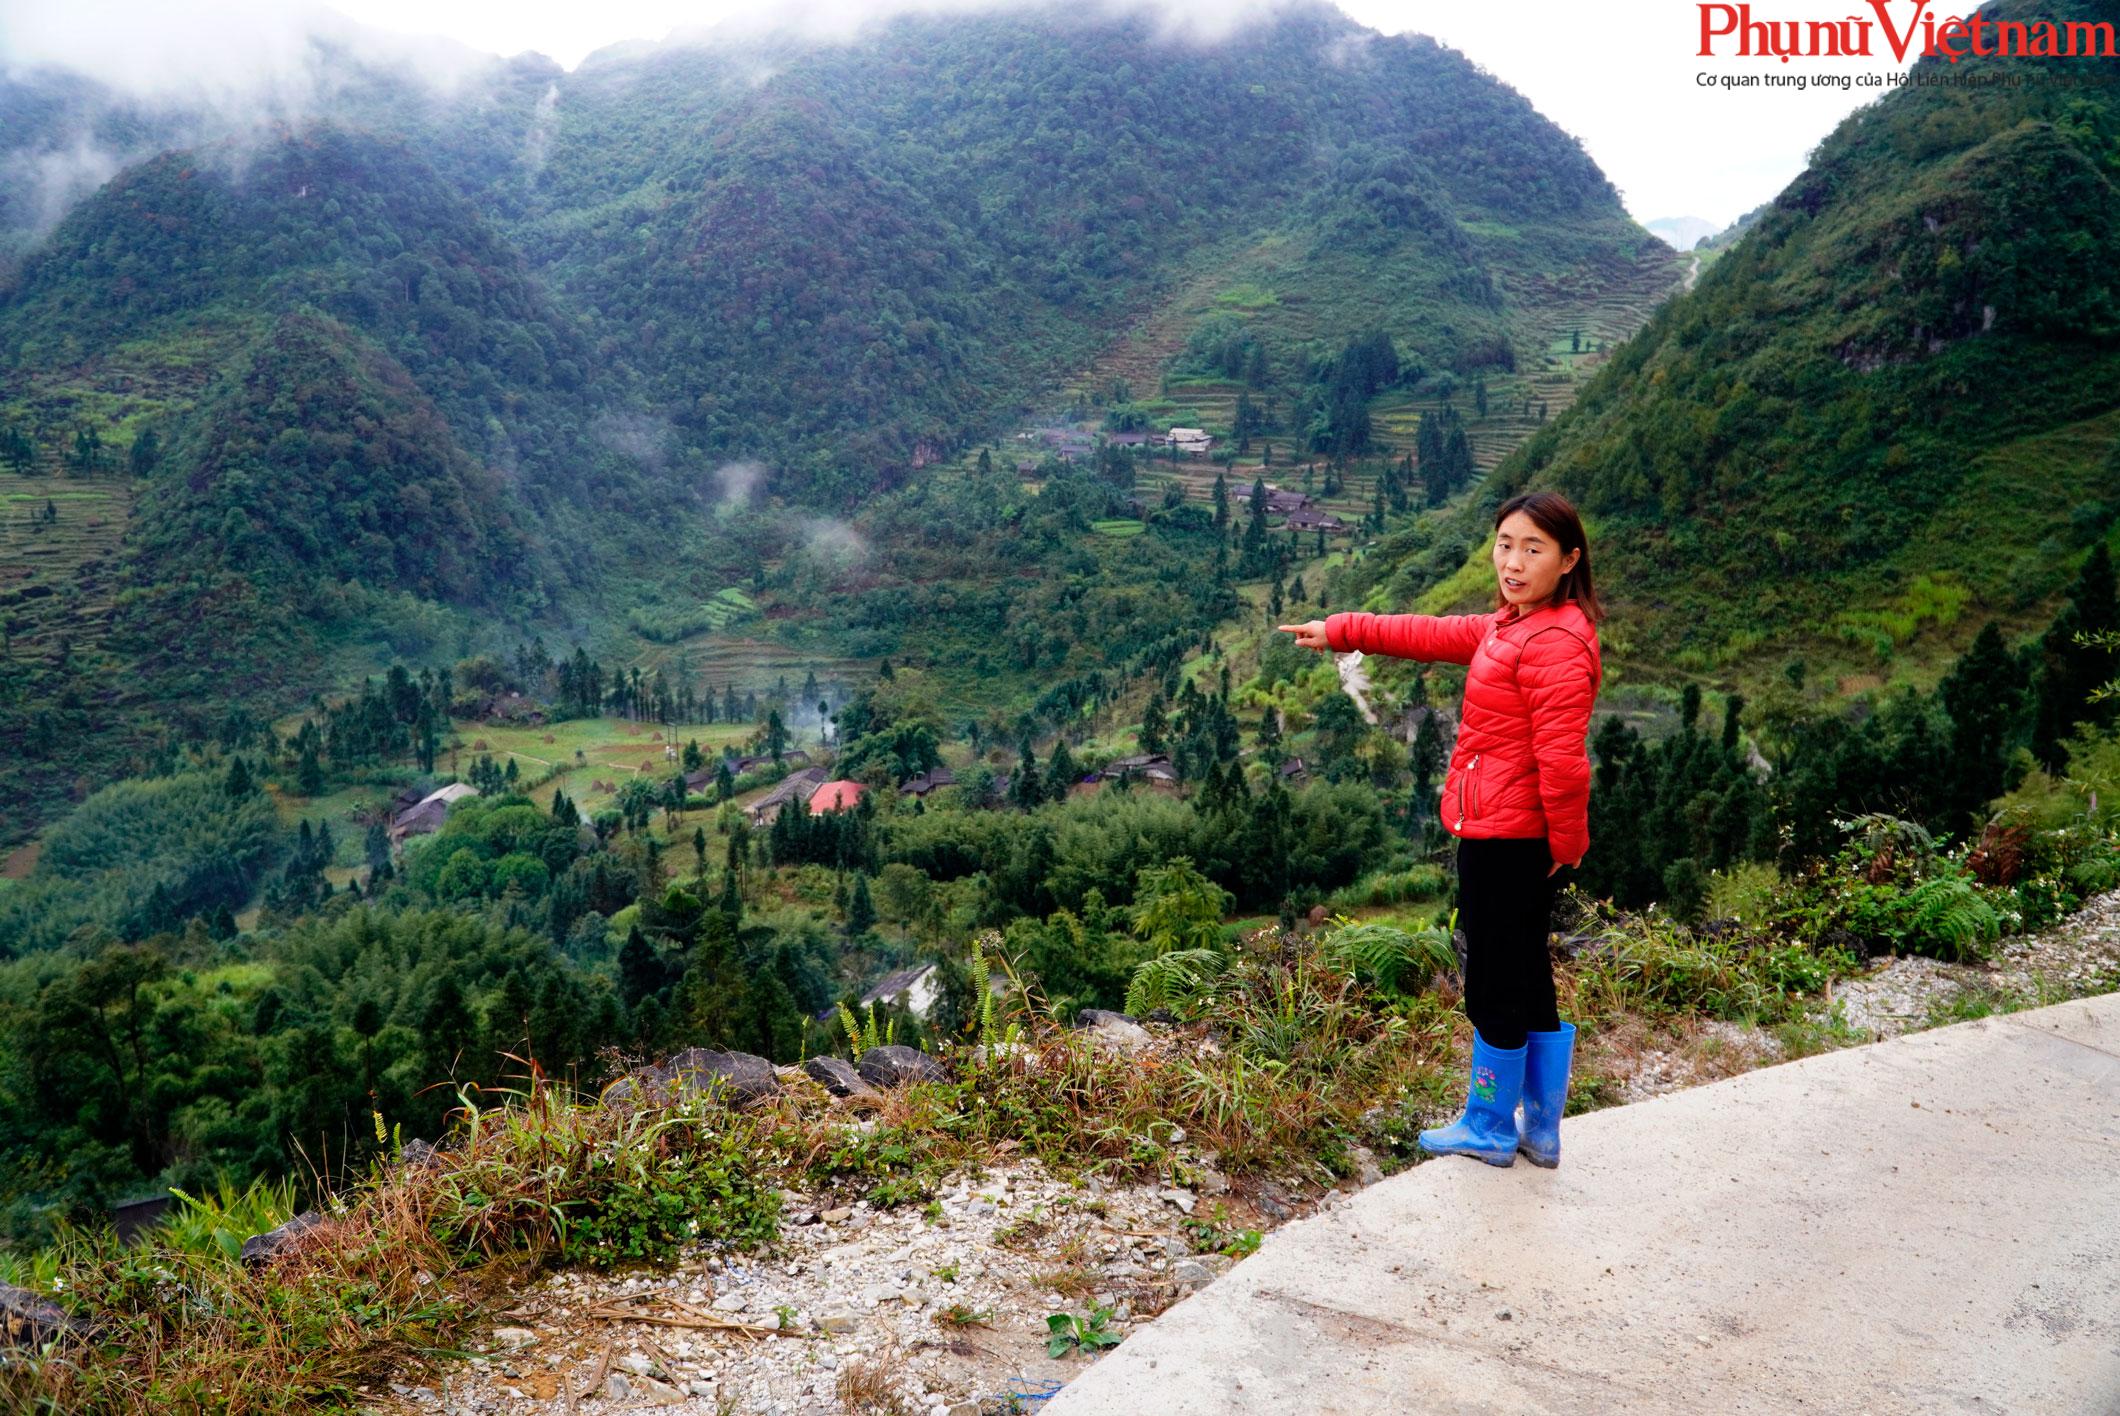 """Nữ giáo viên trẻ gieo chữ vào """"Mây"""", khởi đầu ước mơ đến trường cho trẻ em người Mông - Ảnh 11."""